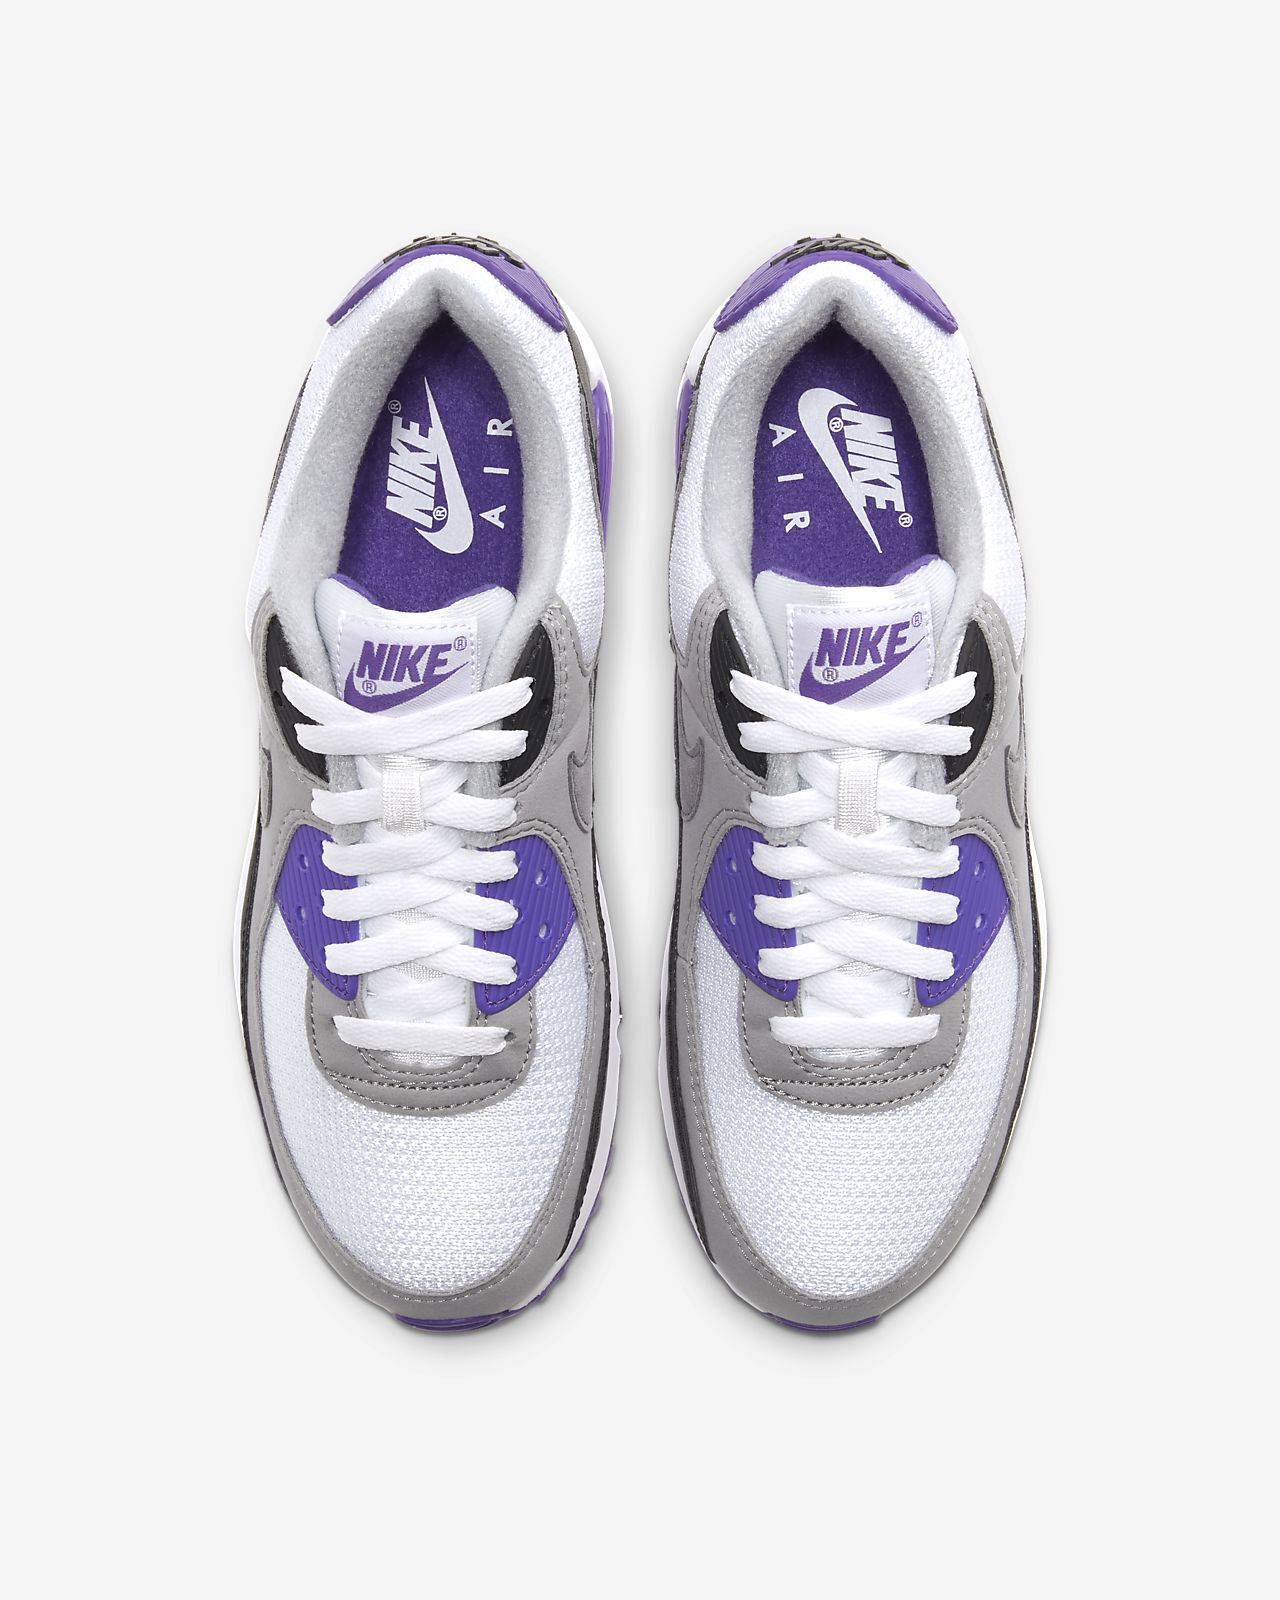 Acquista Scarpe Nike Air Max da Donna . Nike IT